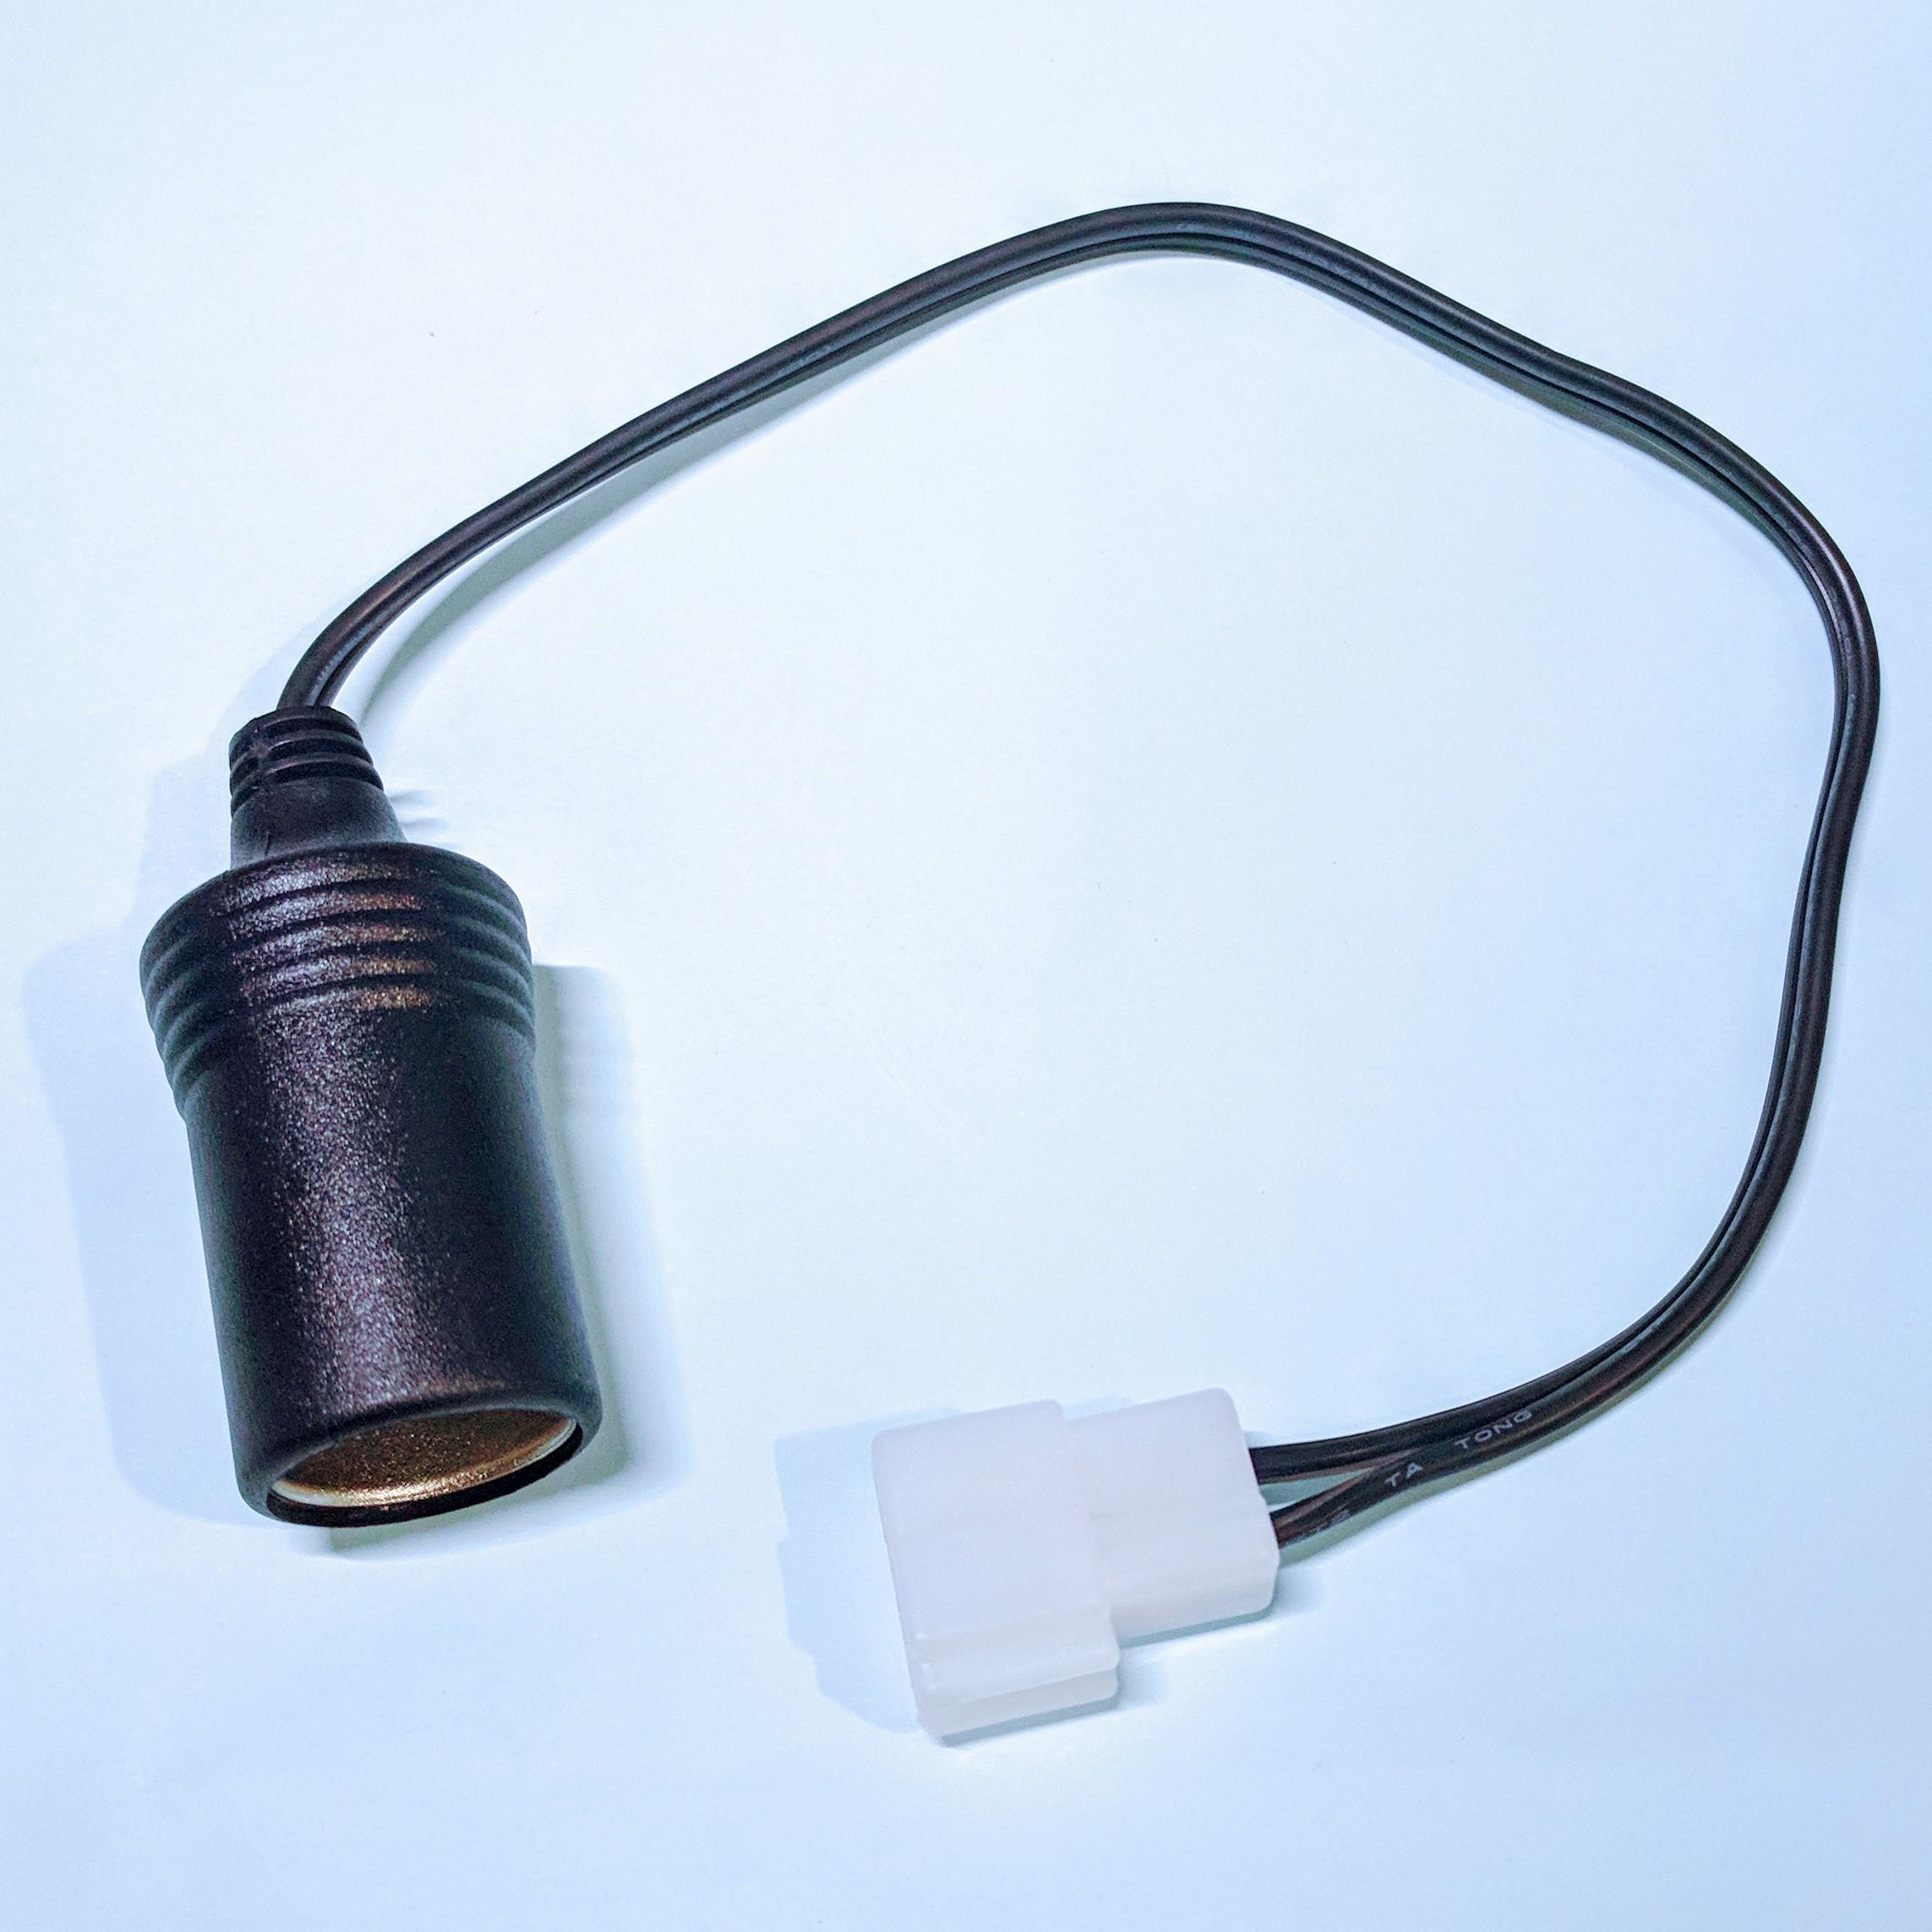 電源変換ケーブル 250型2極カプラ(オス)→シガーソケット